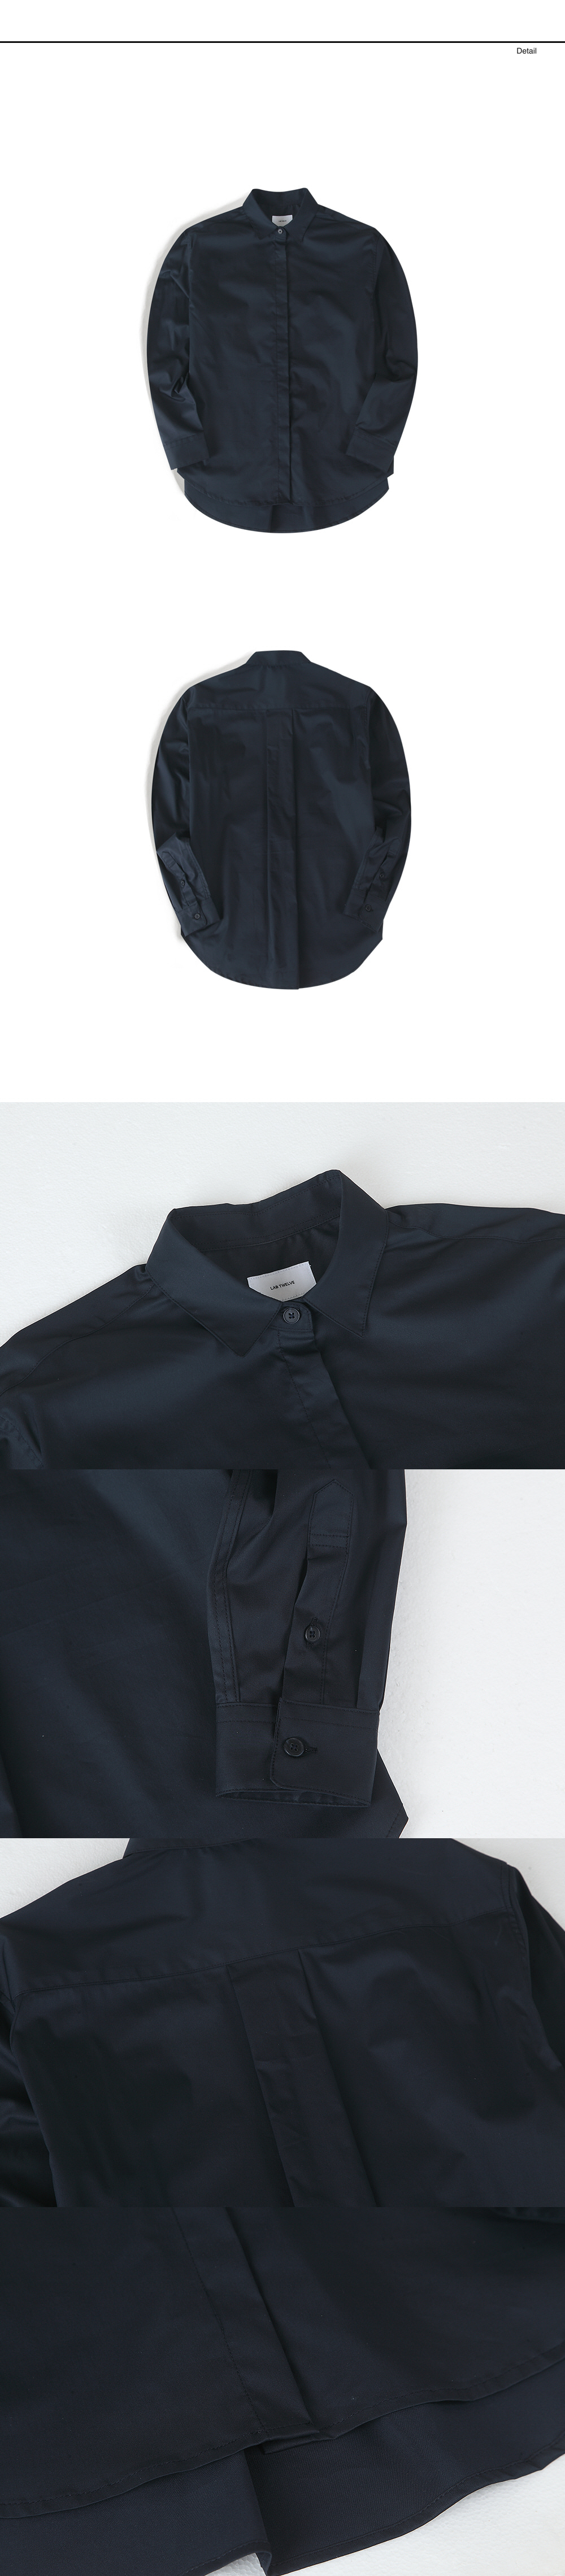 랩12(LAB12) 19S/S W 히든버튼 셋업 셔츠 (네이비)